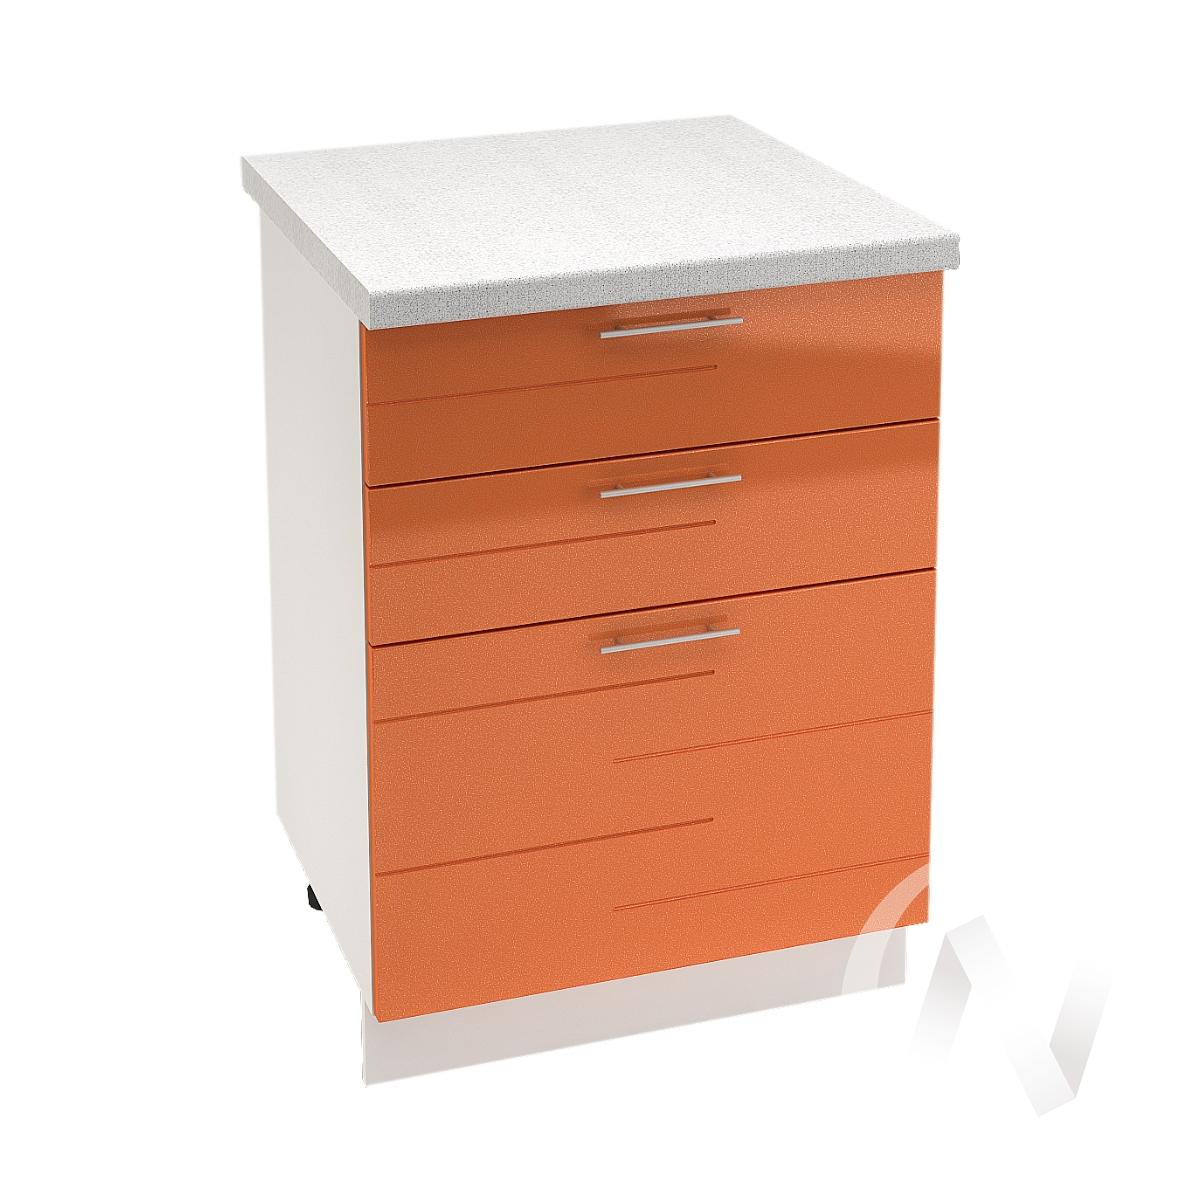 """Кухня """"Техно"""": Шкаф нижний с 3-мя ящиками 600, ШН3Я 600 (корпус белый)"""